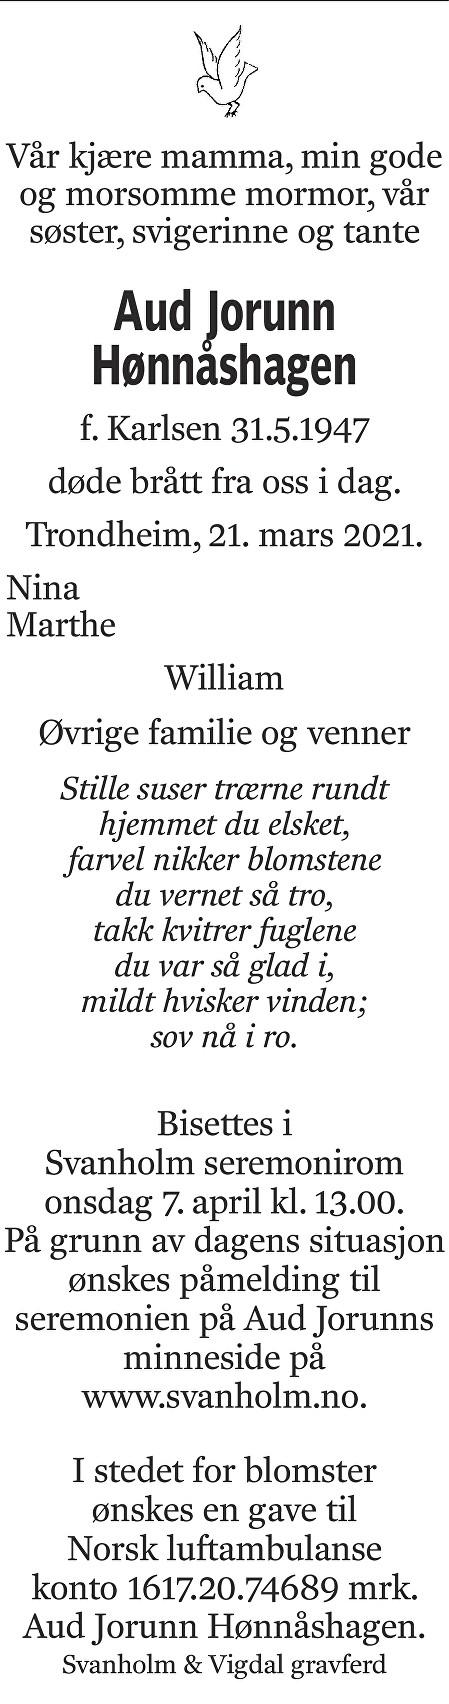 Aud Jorunn Hønnåshagen Dødsannonse